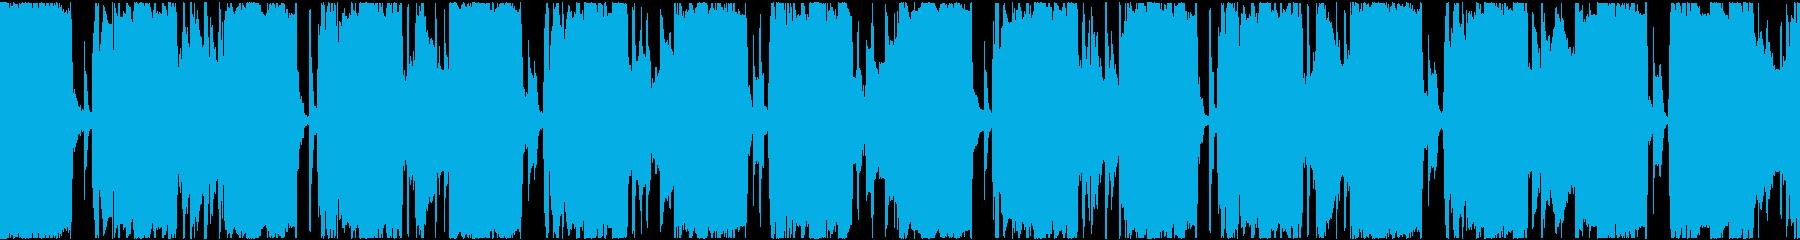 ポップ テクノ 代替案 トラップ ...の再生済みの波形